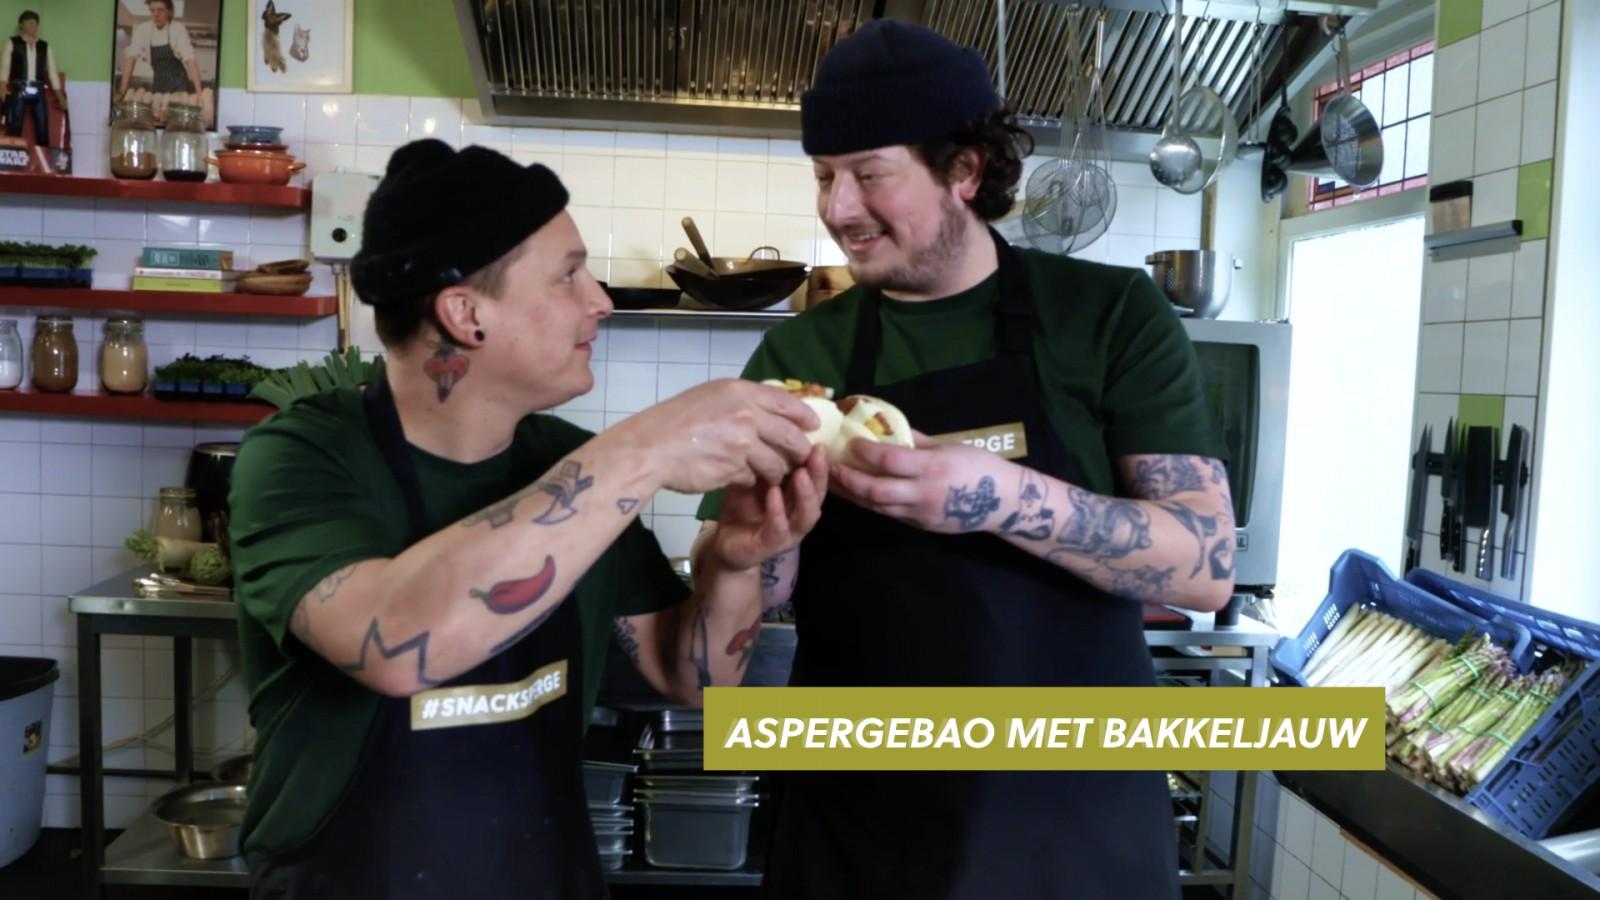 Job & Perry maken apergebao's met bakkeljauw